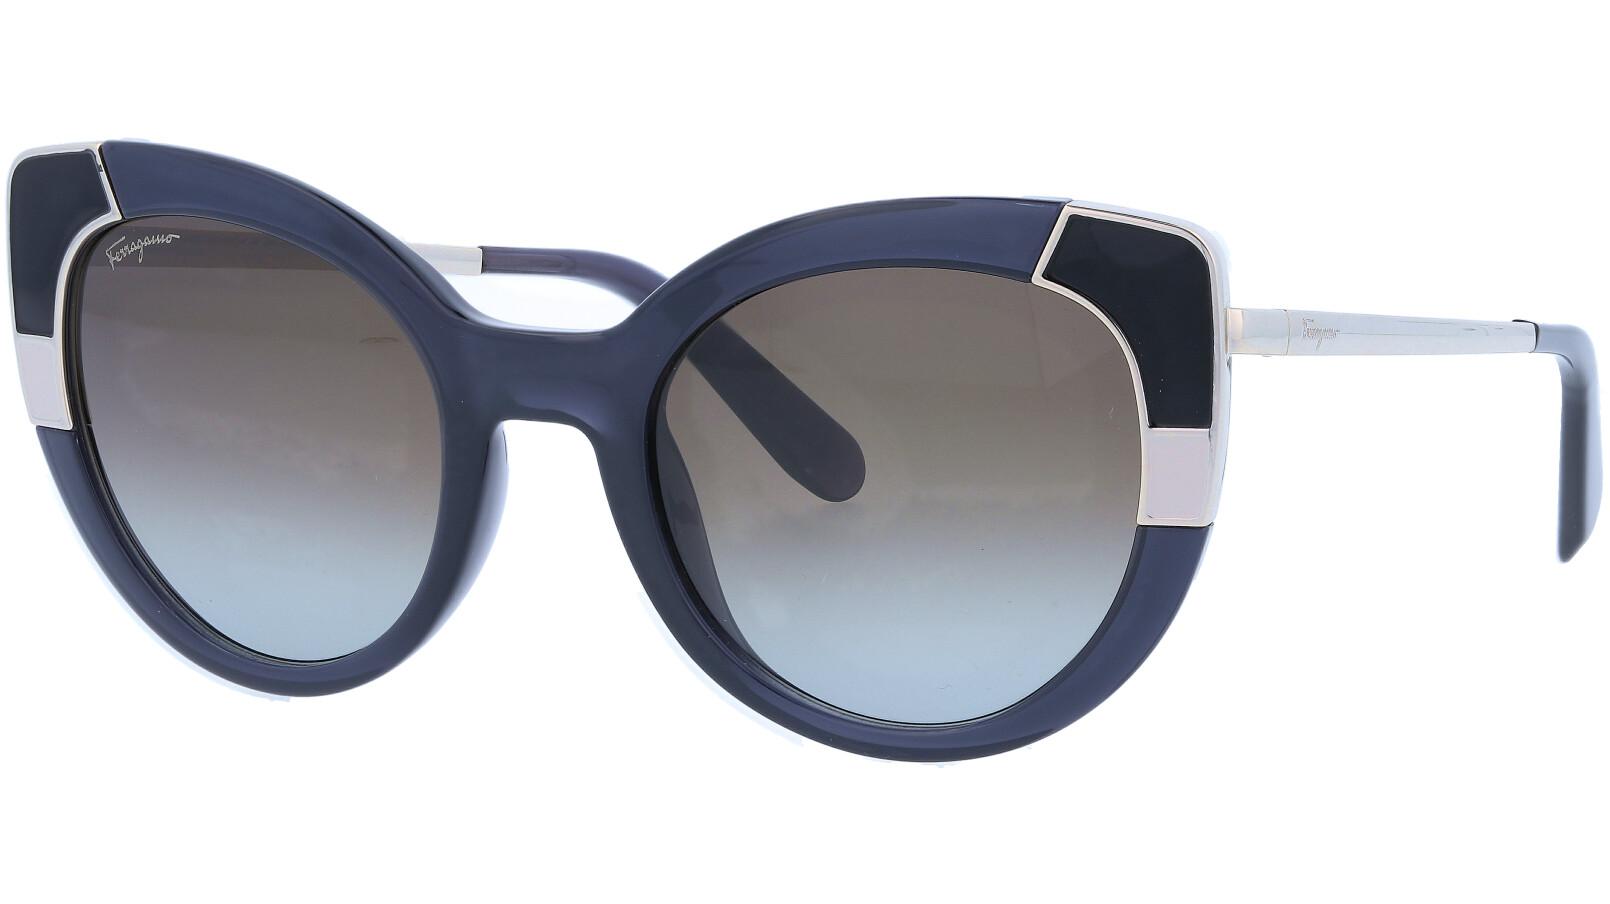 Salvatore Ferragamo SF890S 057 52 Crystal Sunglasses